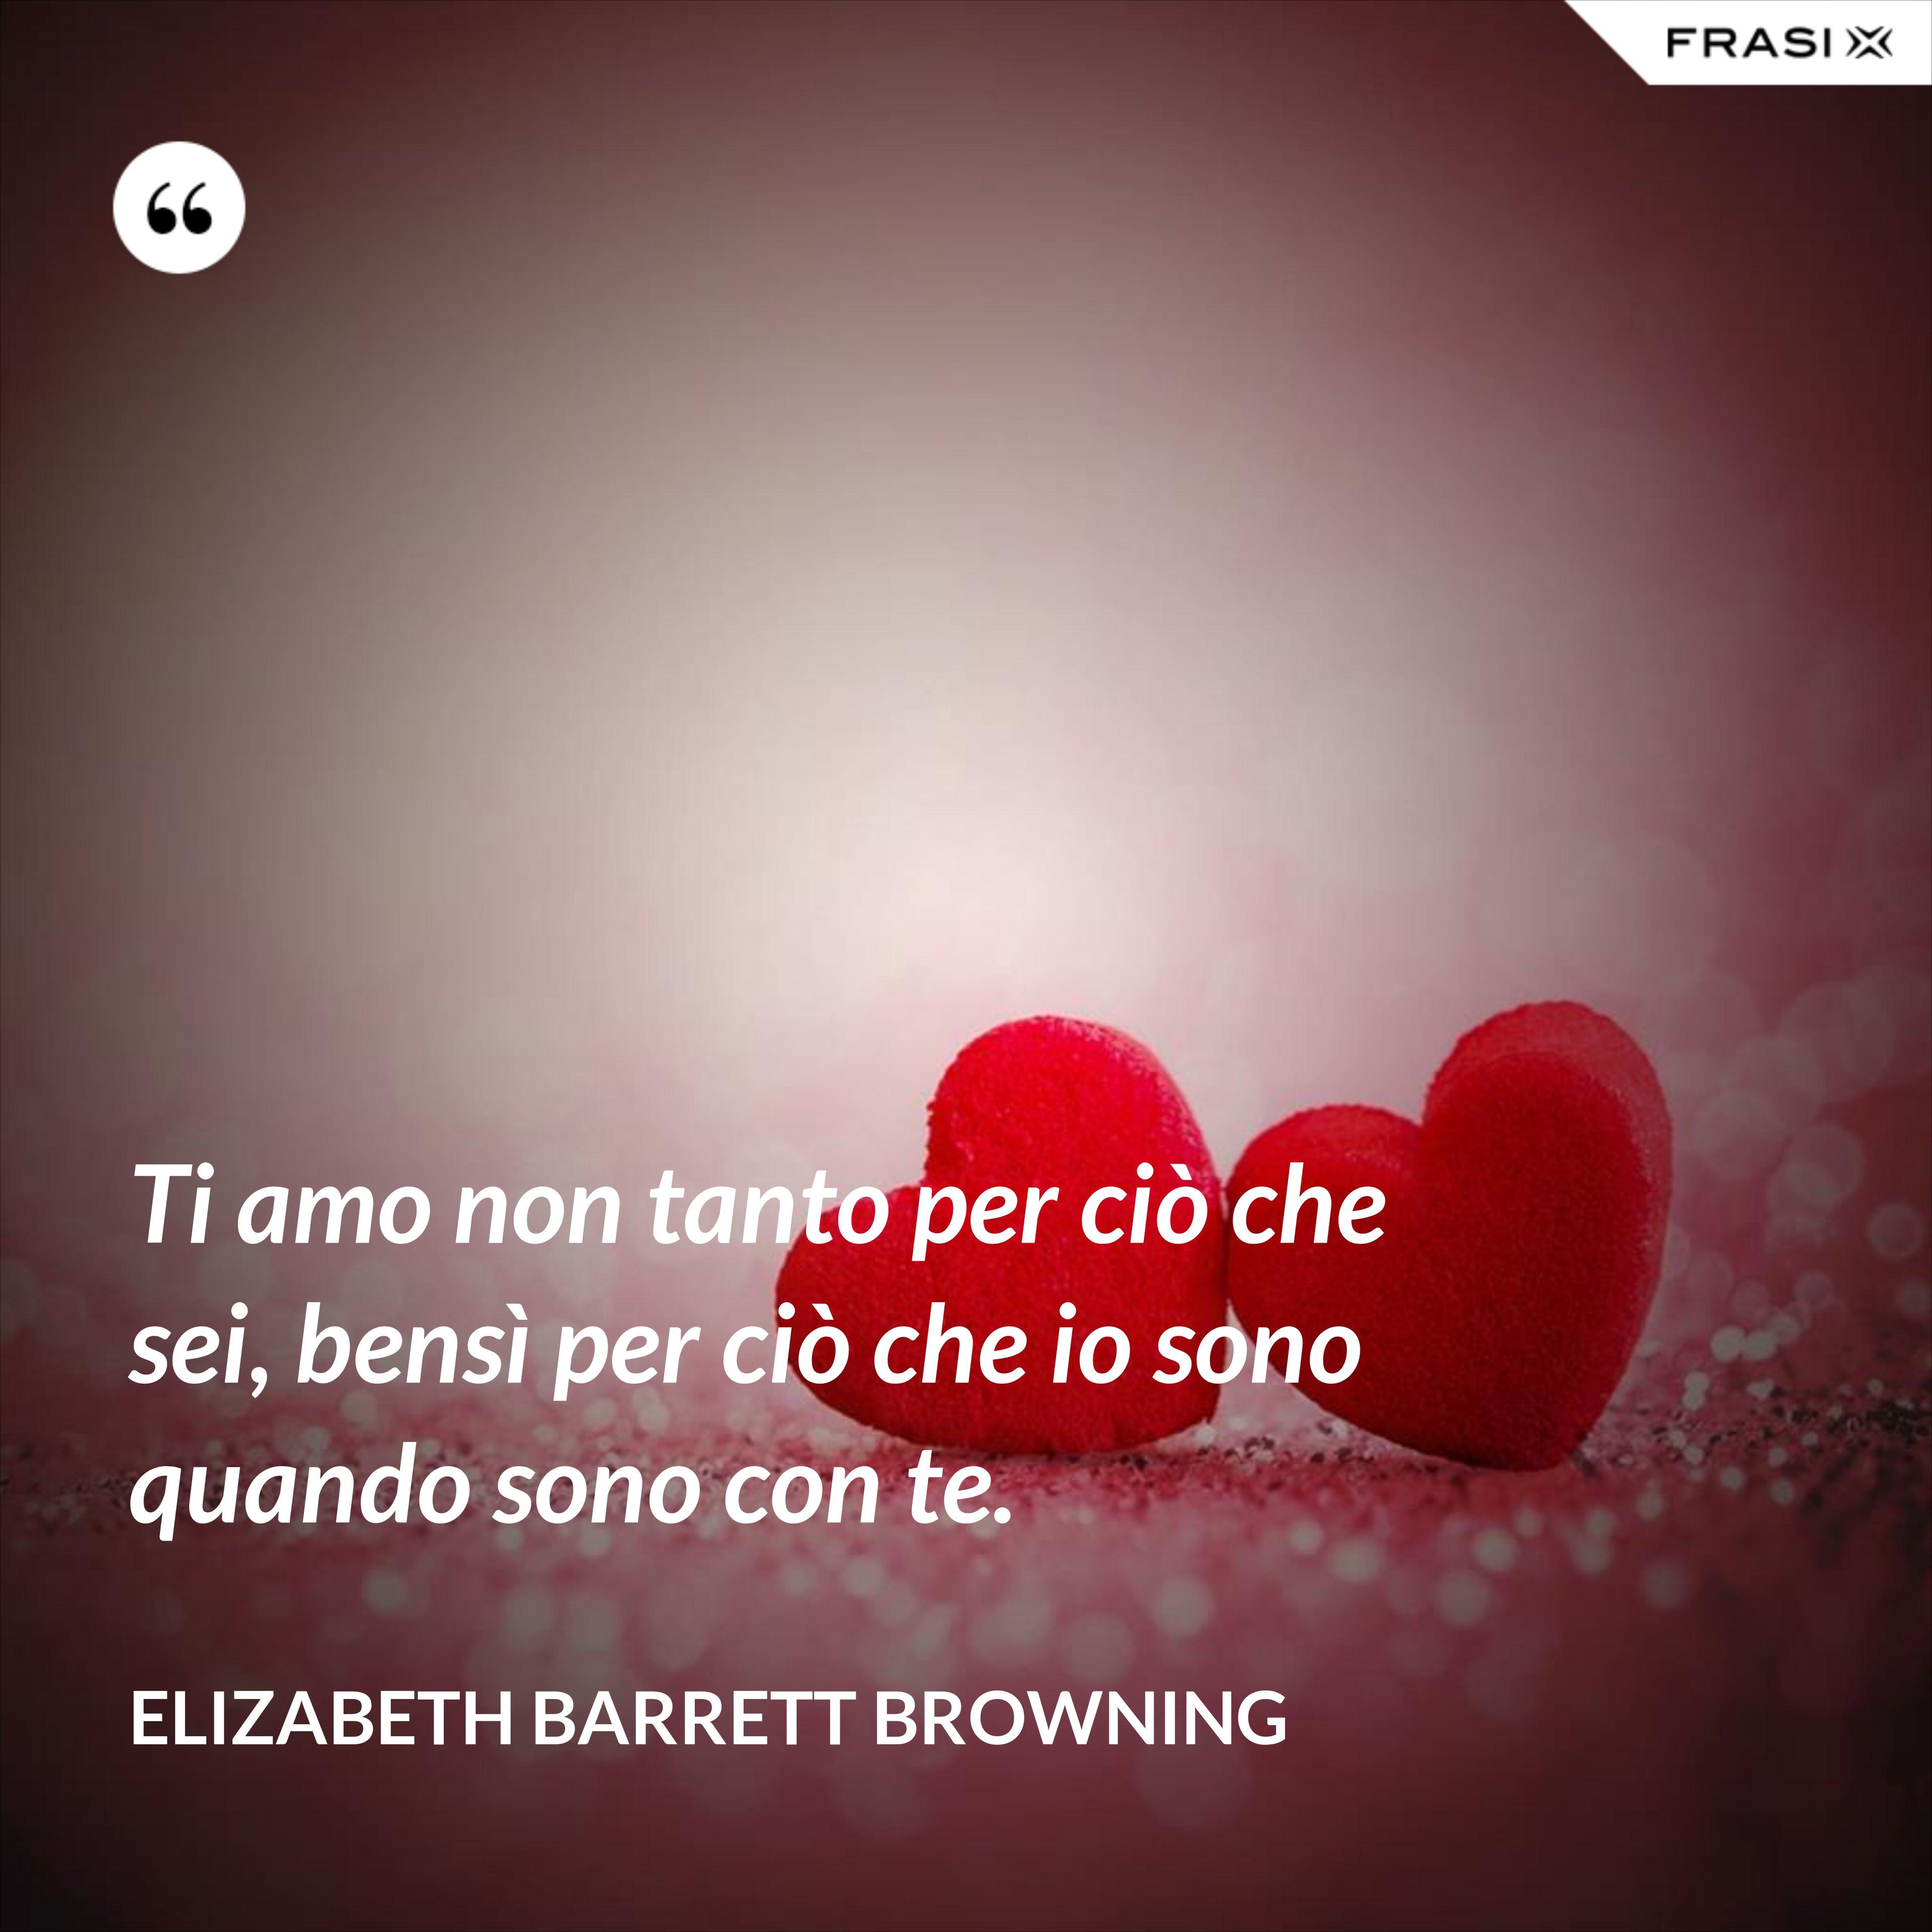 Ti amo non tanto per ciò che sei, bensì per ciò che io sono quando sono con te. - Elizabeth Barrett Browning